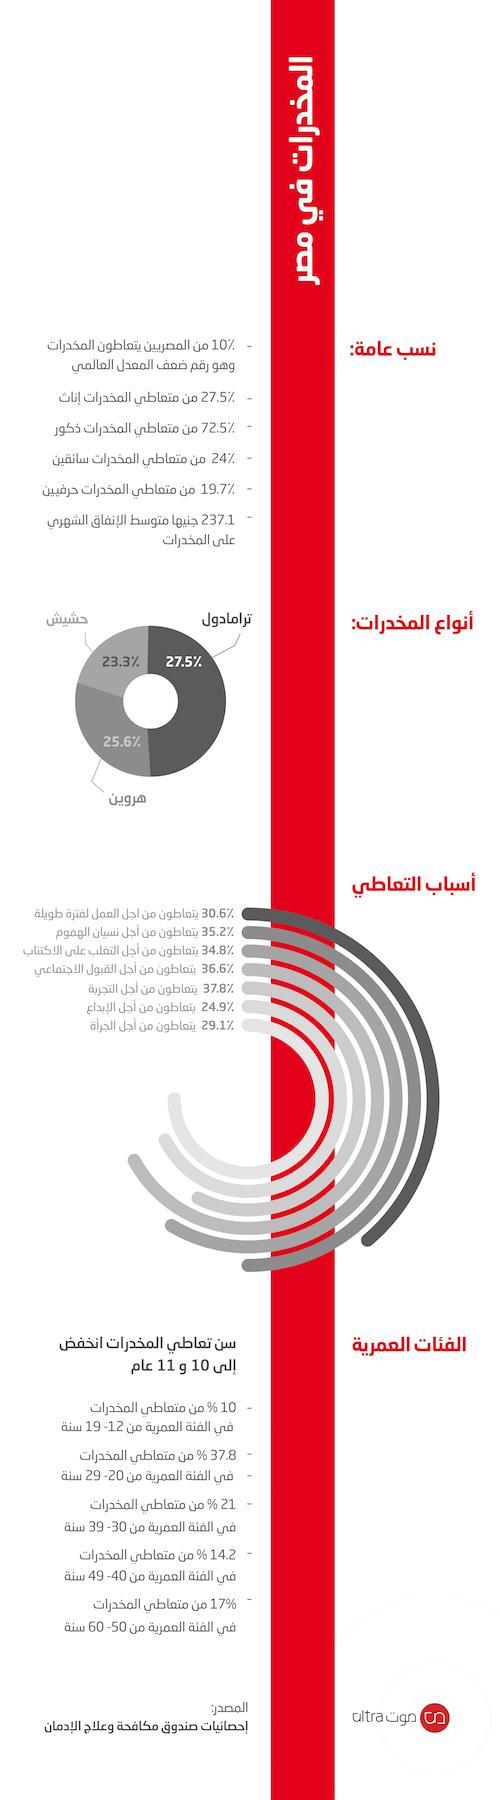 المخدرات في مصر